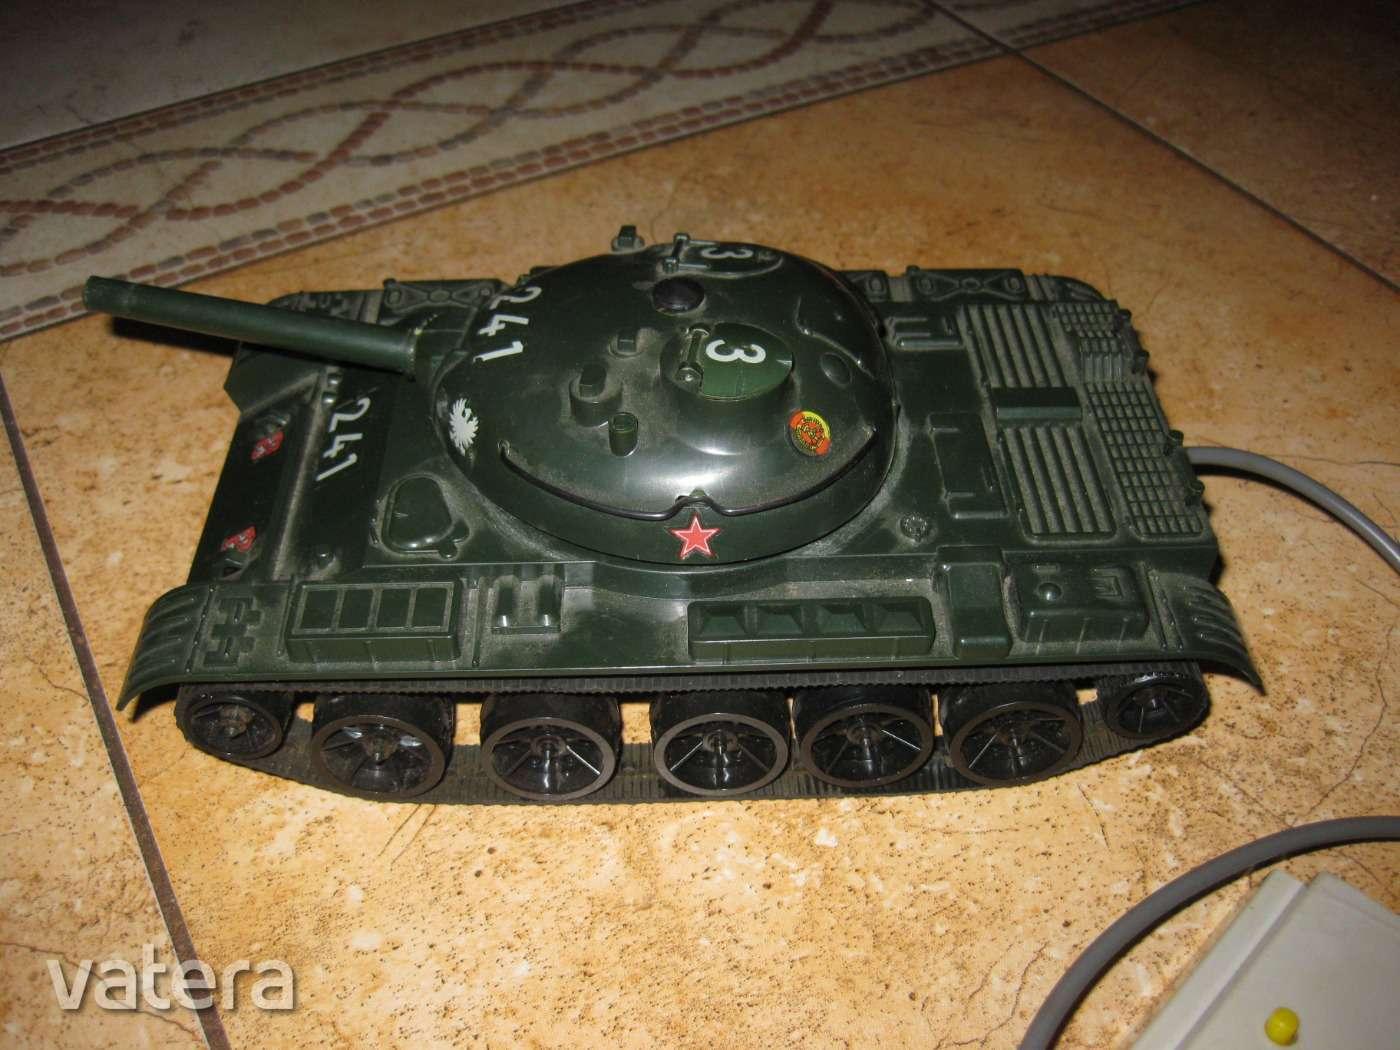 piko-anker-tavos-tank-e47a_1_big.jpg